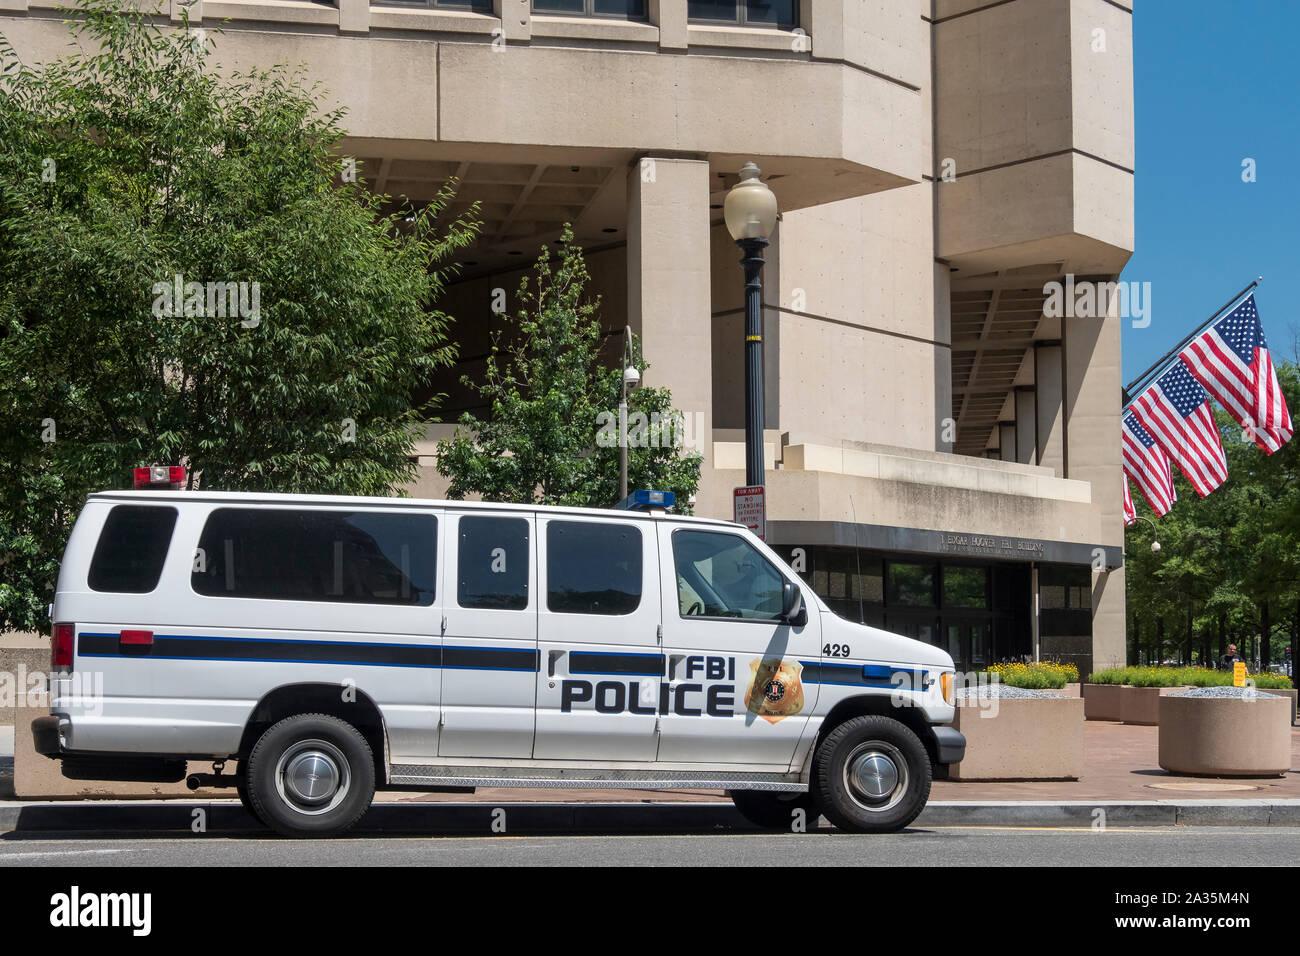 Vehículo fuera del policía del FBI J Edgar Hoover, el edificio del FBI, la Pennsylvania Avenue, Washington DC, EE.UU. Foto de stock